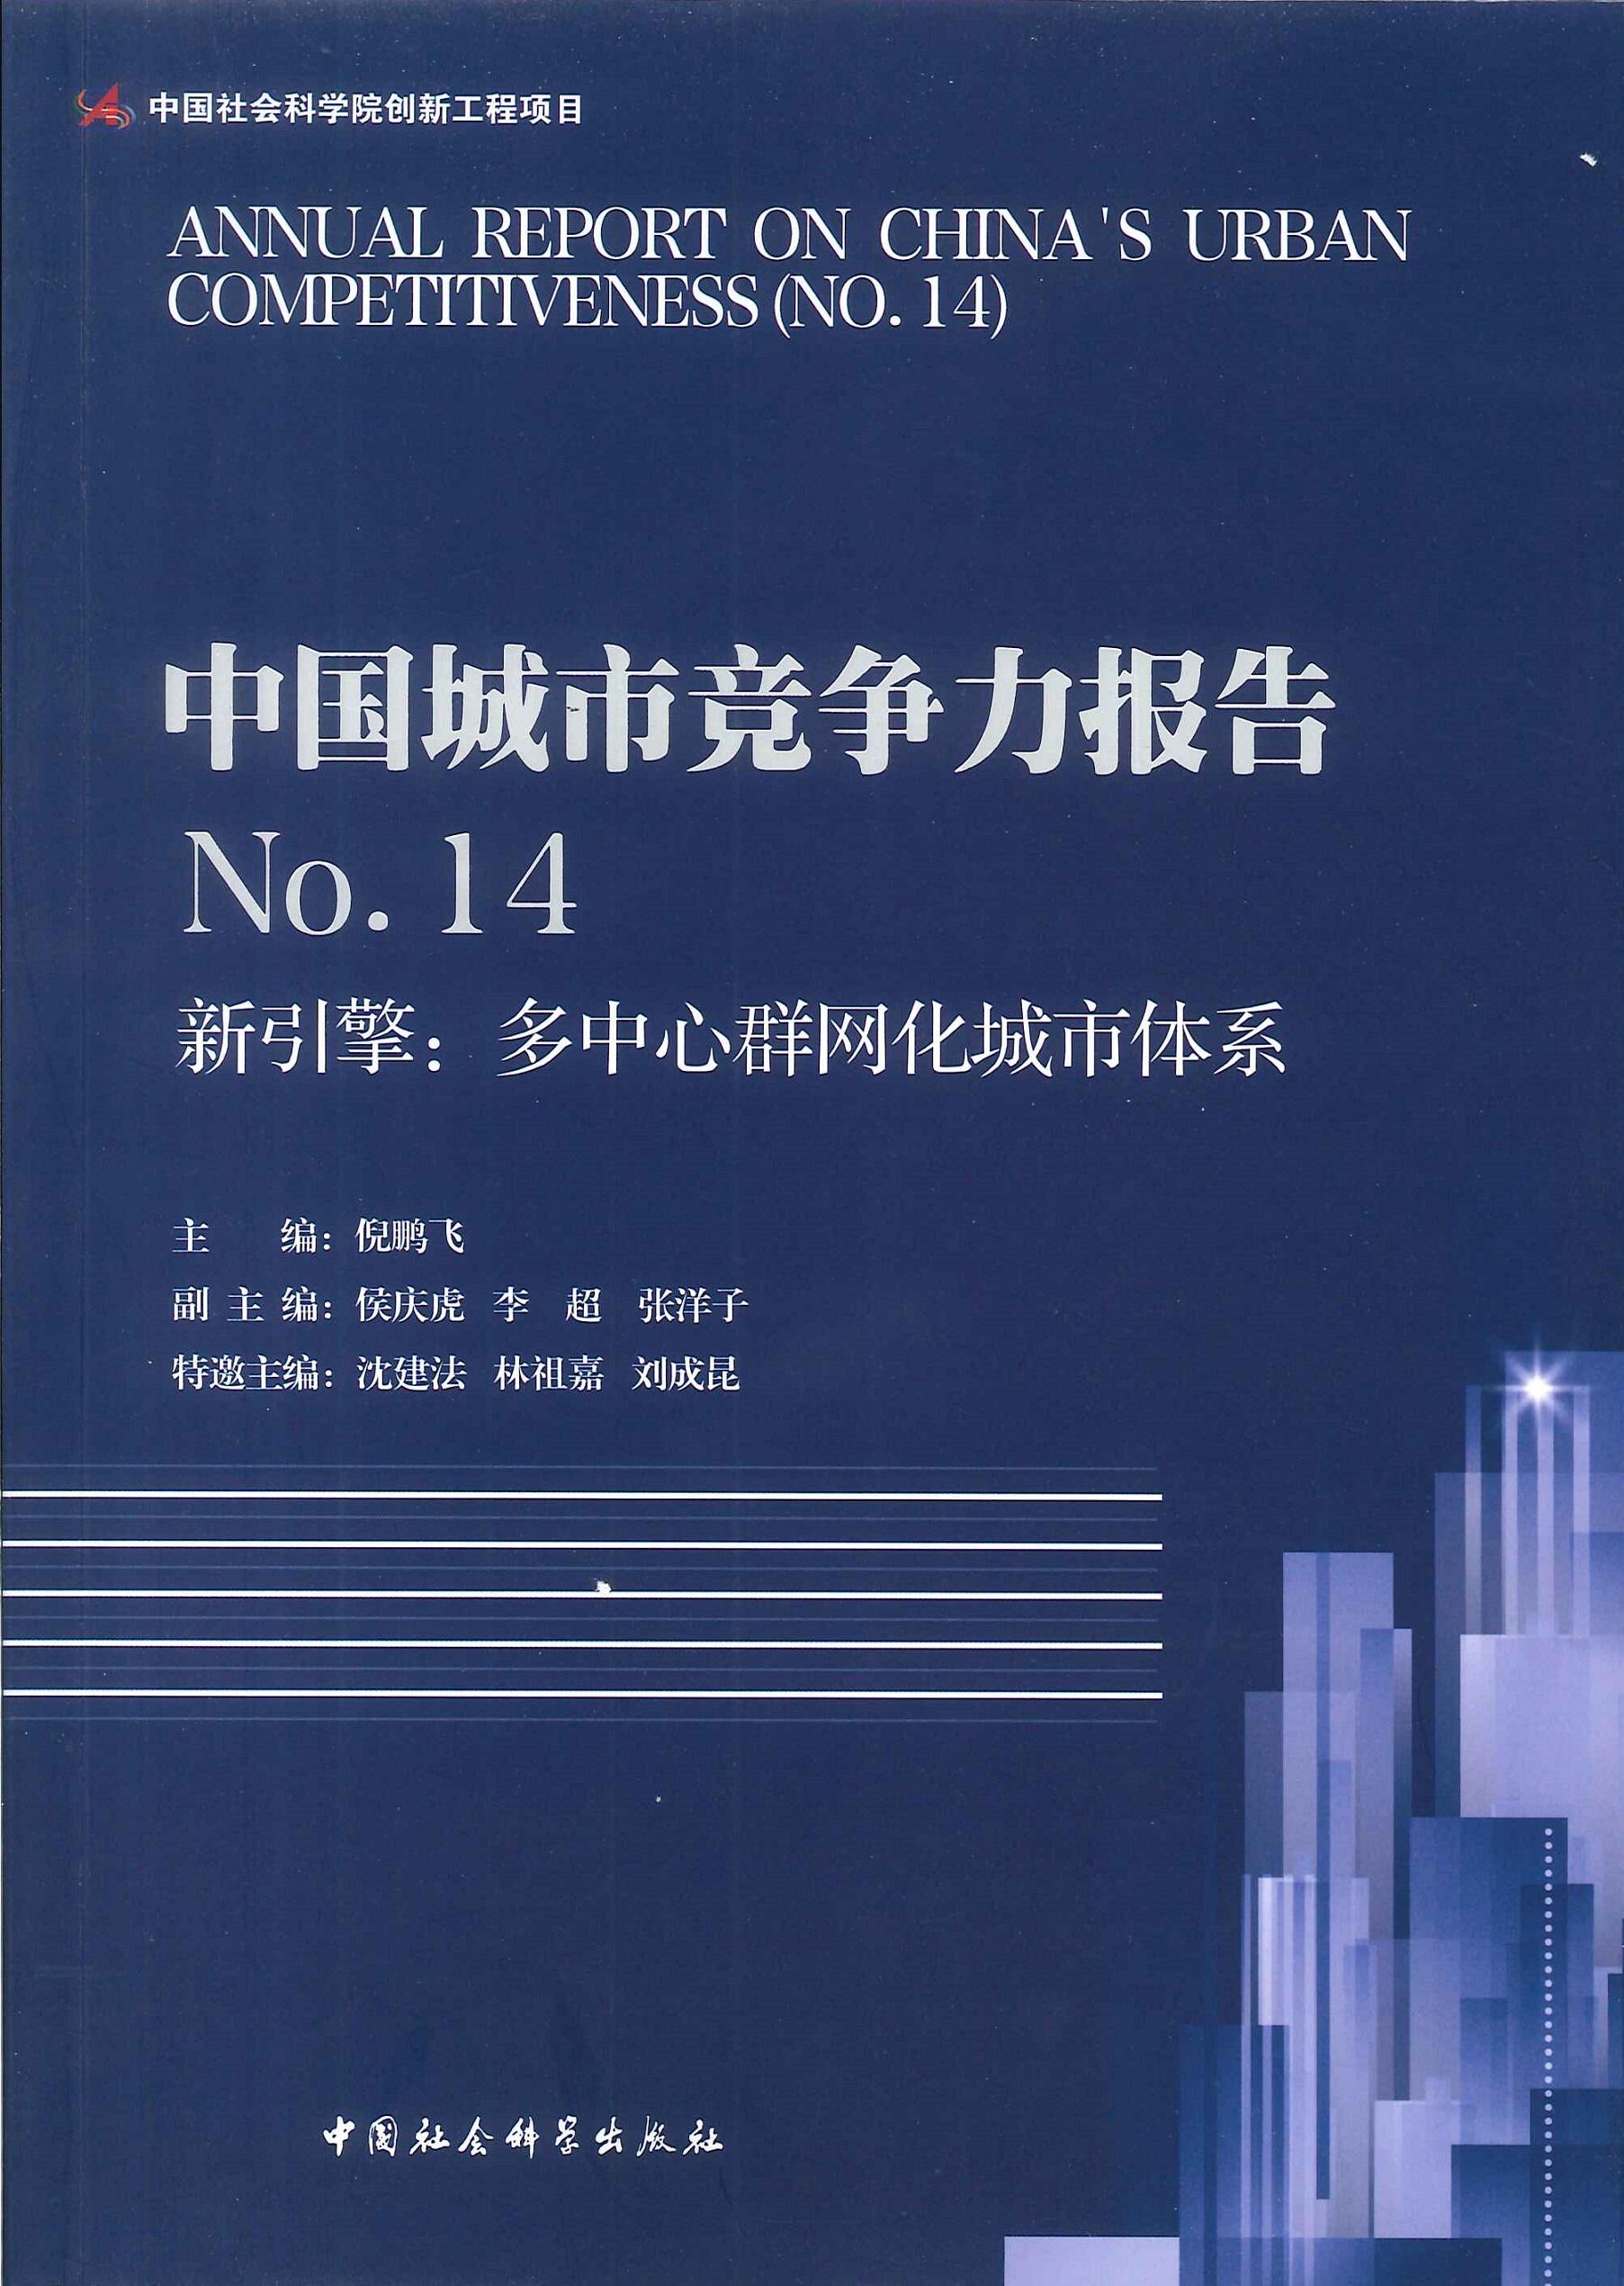 中国城市竞争力报告.新引擎:多中心群网化城市体系.14=Annual report on China